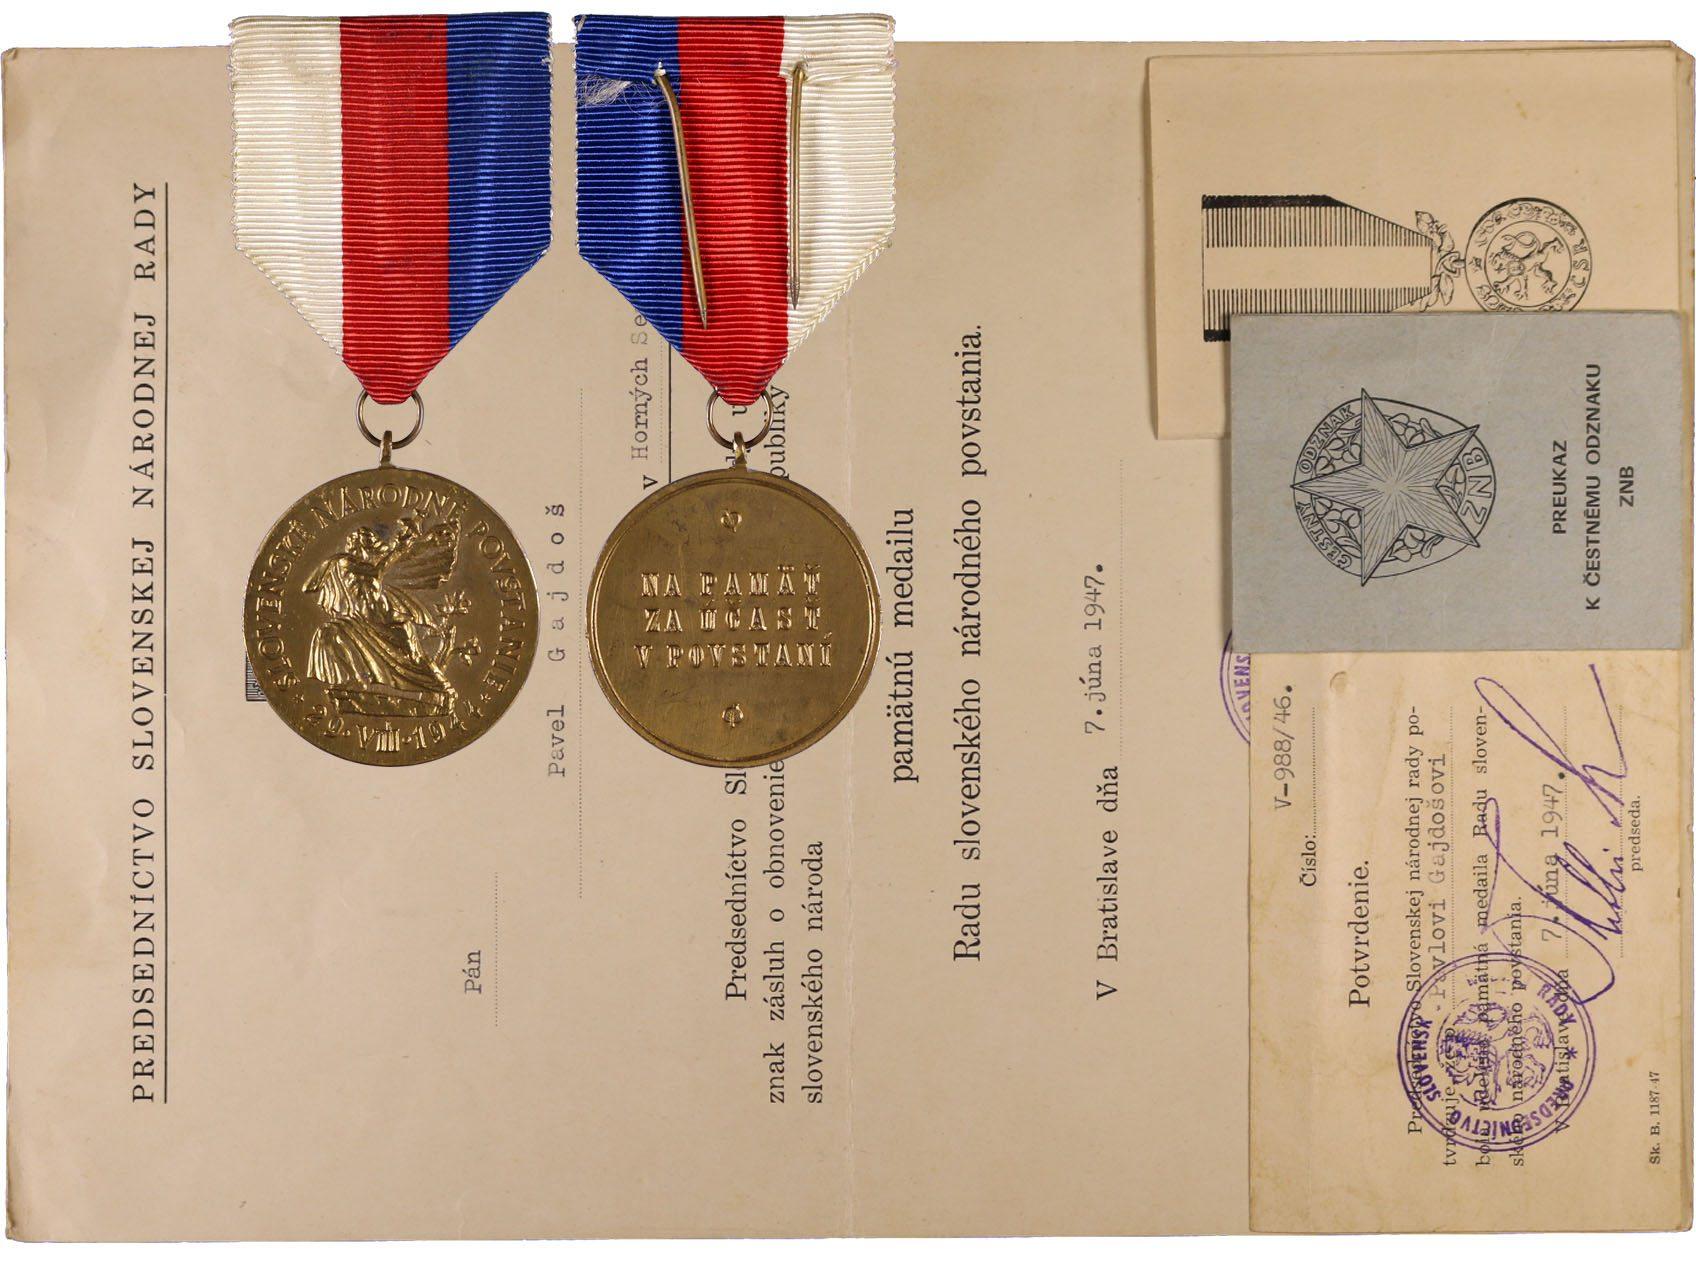 Pamětní medaile řádu SNP, k tomu velký i malý dekret, průkazka k čestnému odznaku ZNB a k medaili Za zásluhy o obranu vlasti, vše na jméno P. Gajdoš, 4 ks.